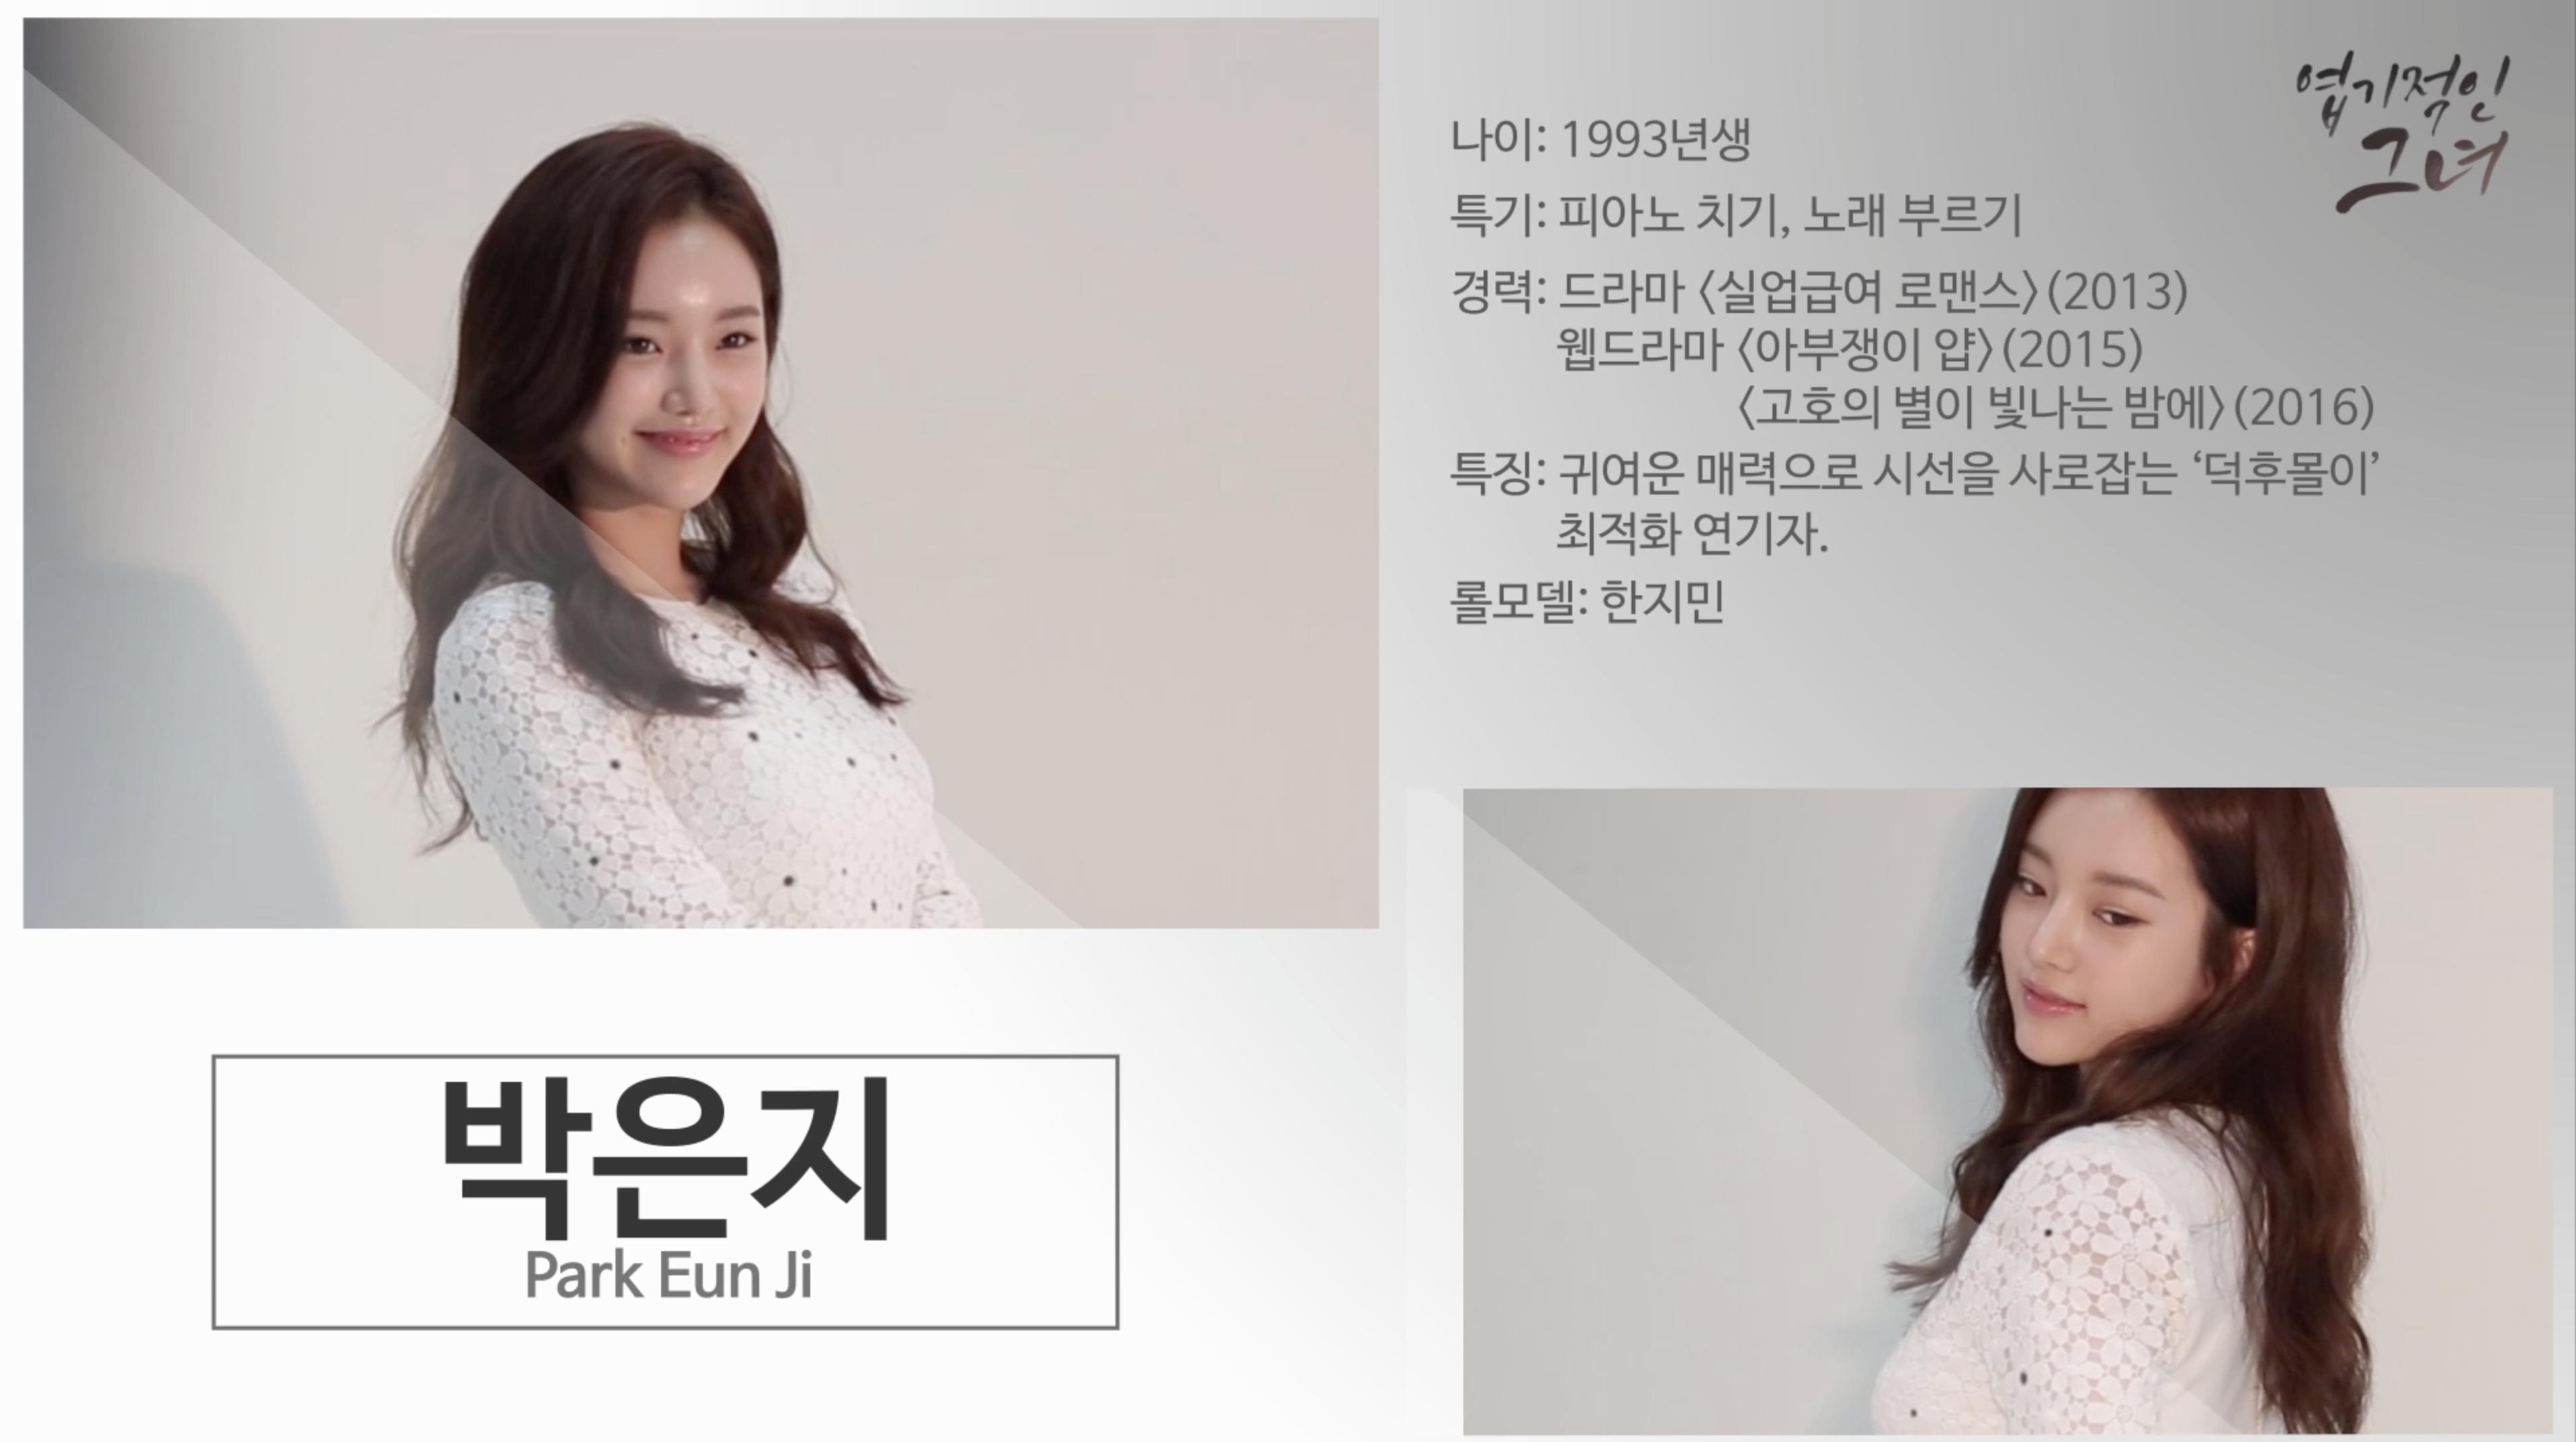 [엽기적인 그녀] 박은지 자기소개 영상 (선공개)